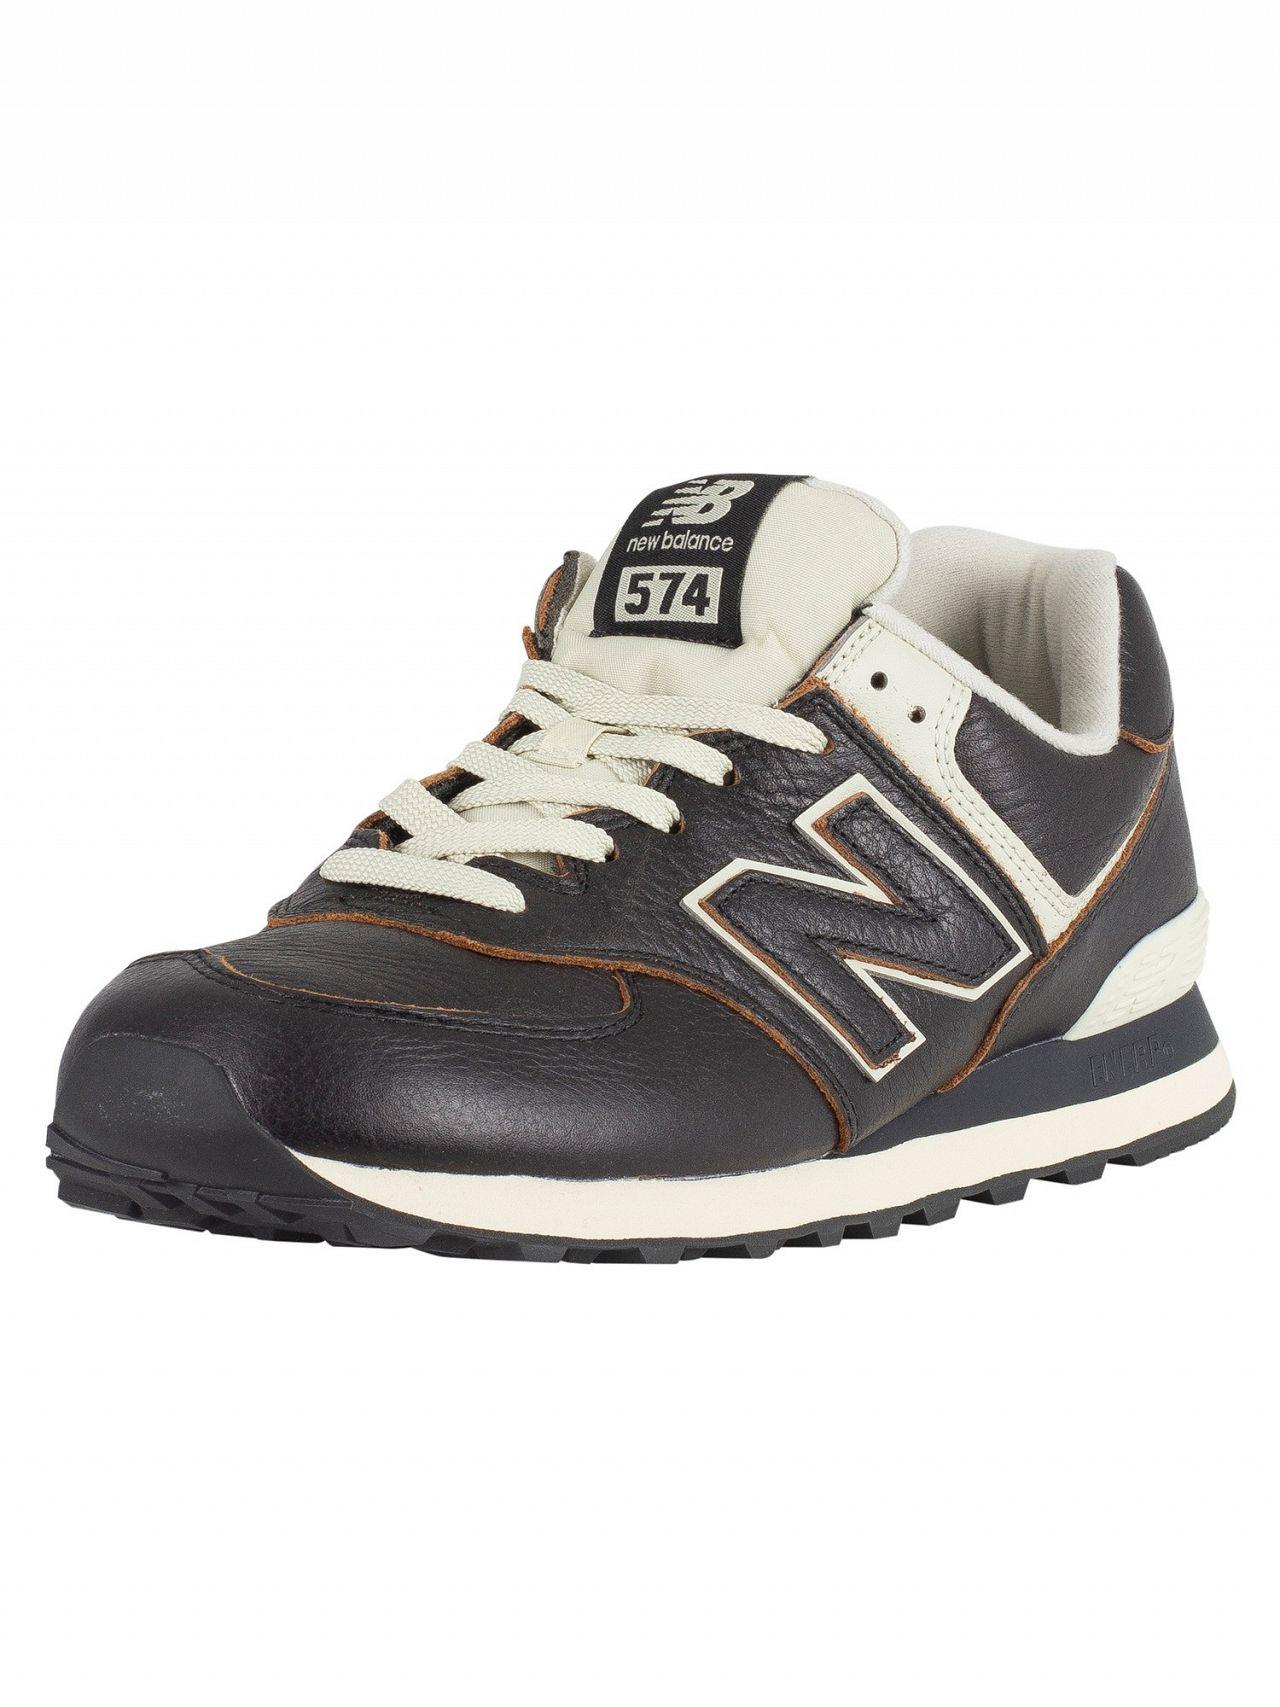 1e1f61b1f99 New Balance Black/White Munsell 574 Leather Trainers